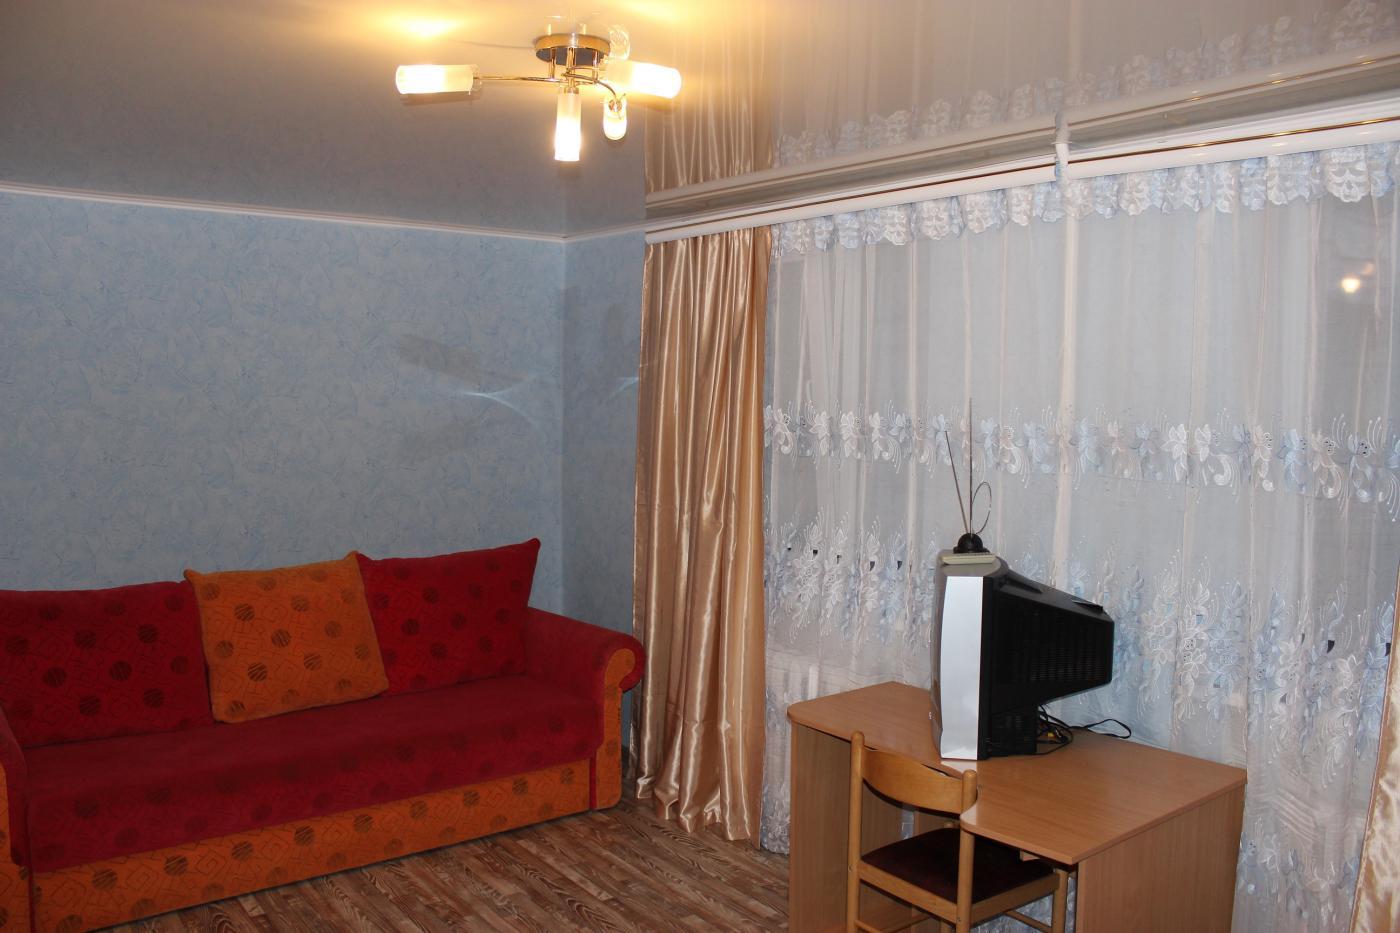 2-комнатная квартира посуточно (вариант № 814), ул. Гоголя улица, фото № 8